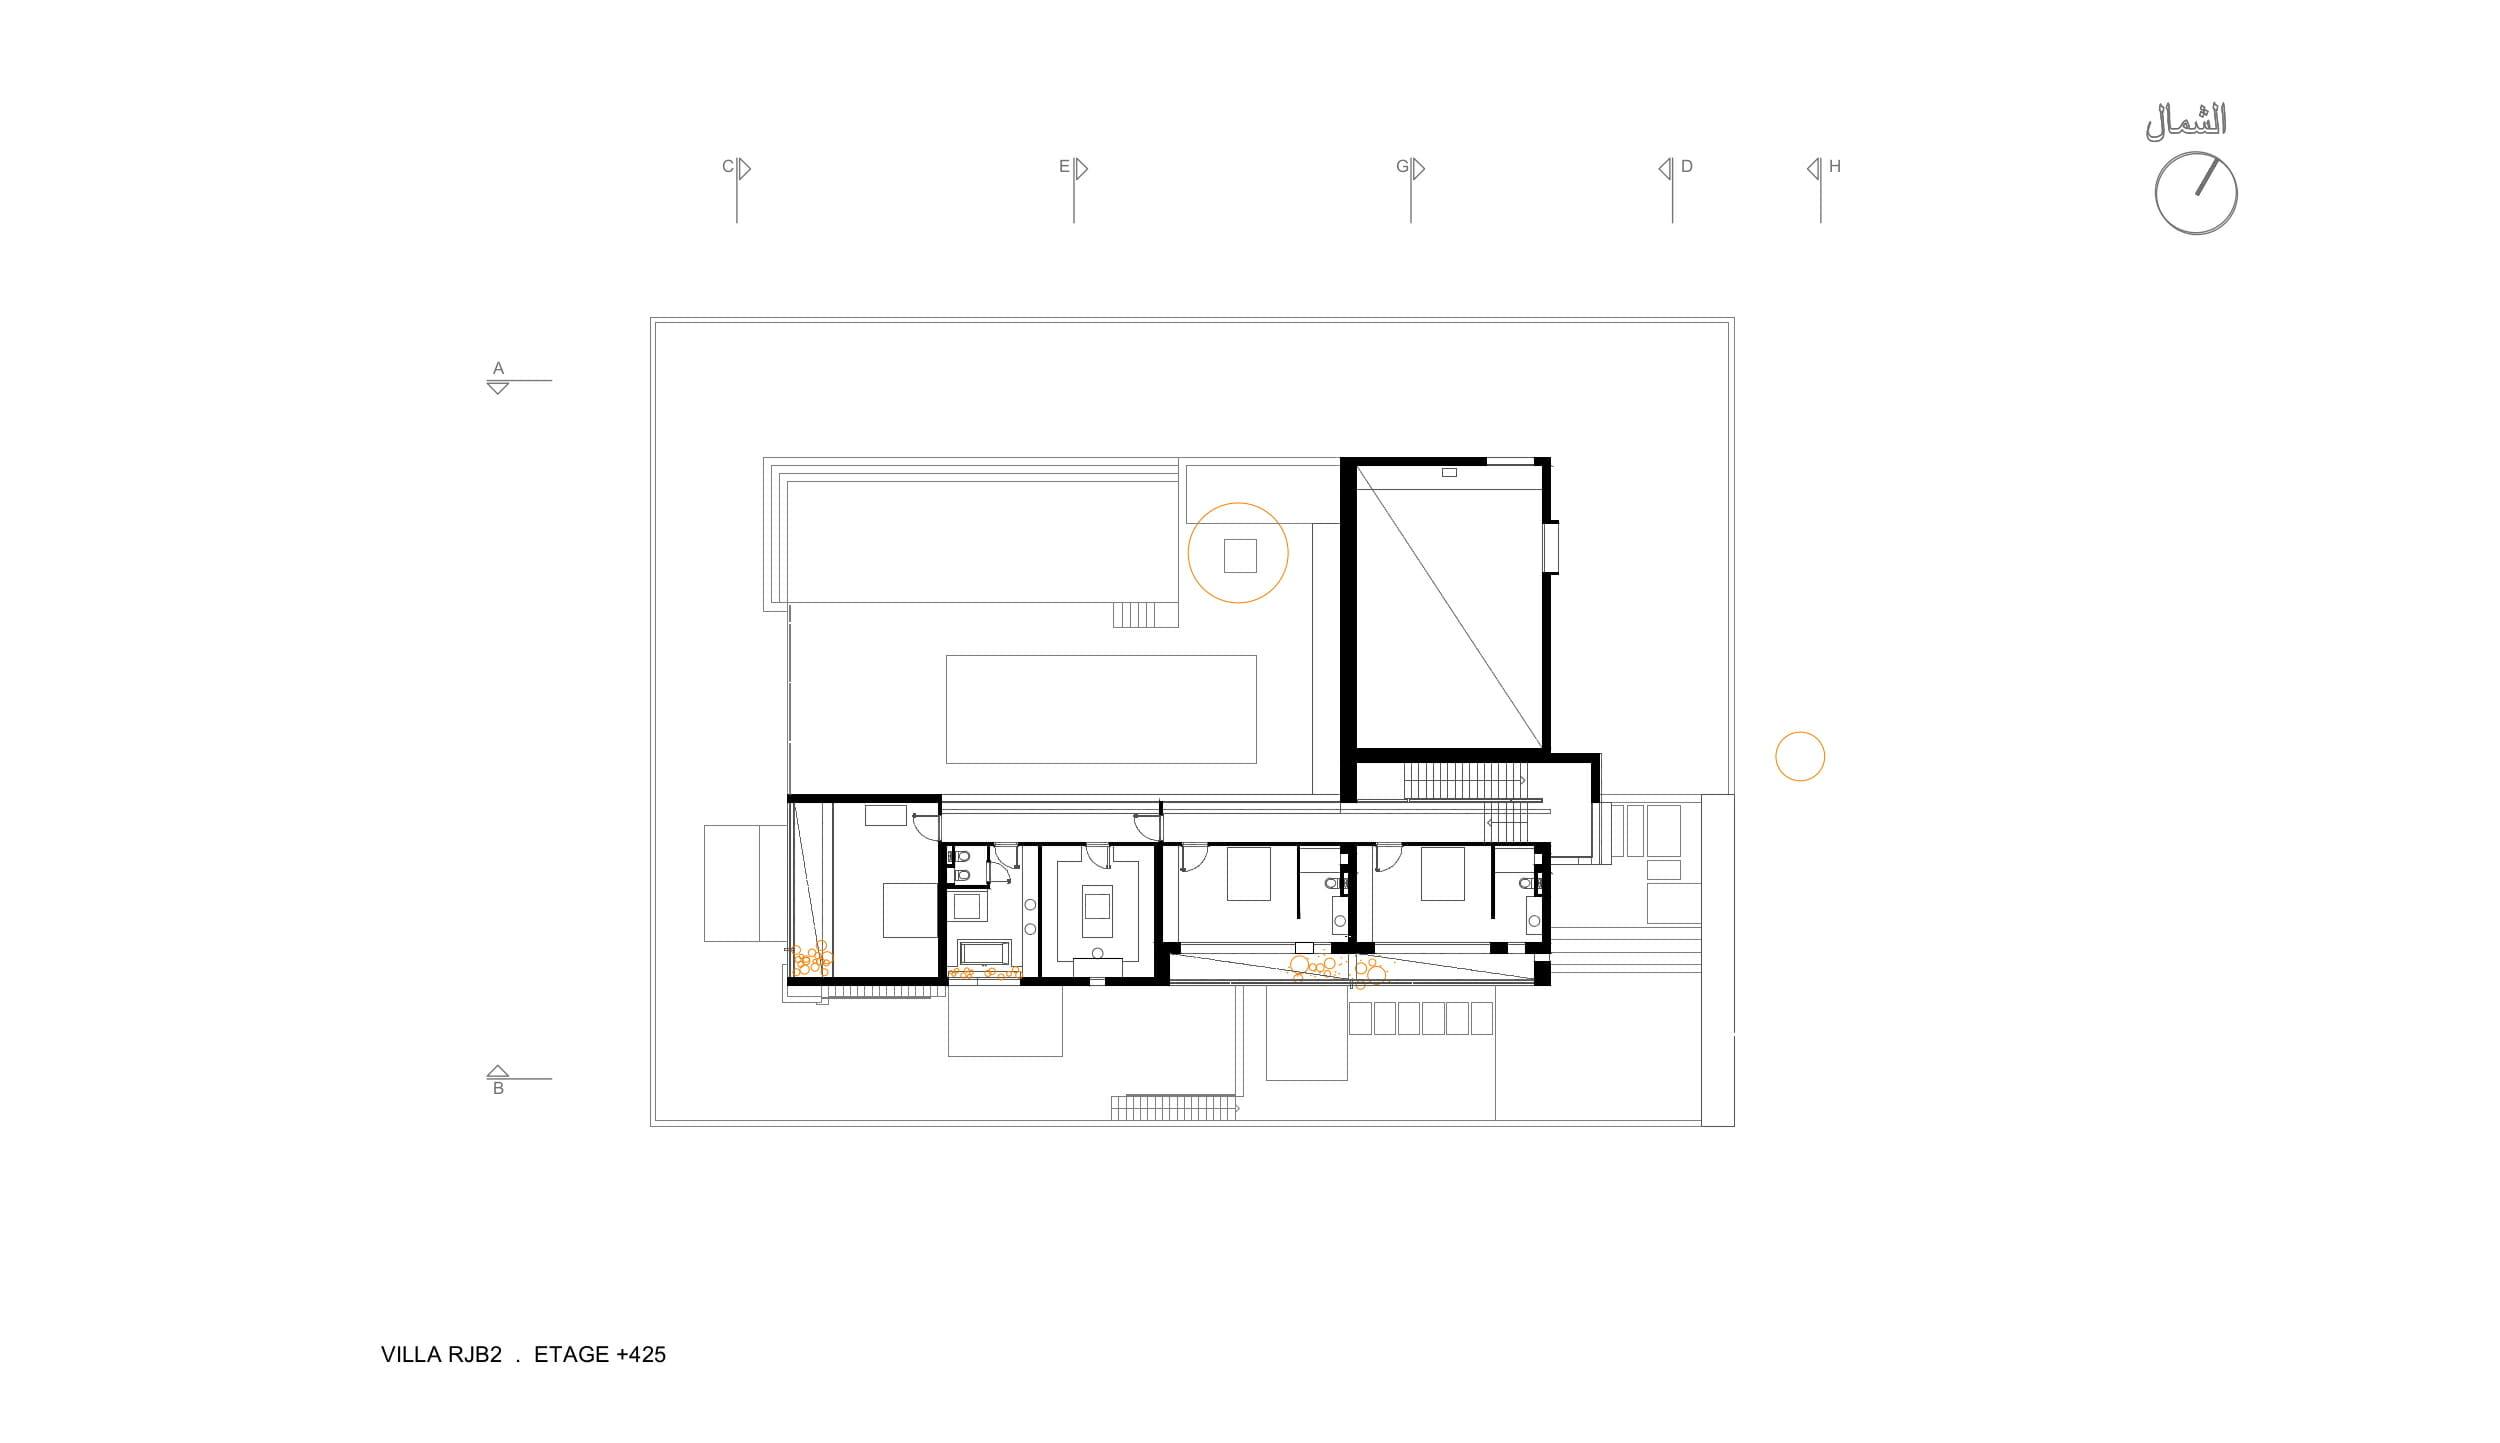 RJB2.plan 02-etage